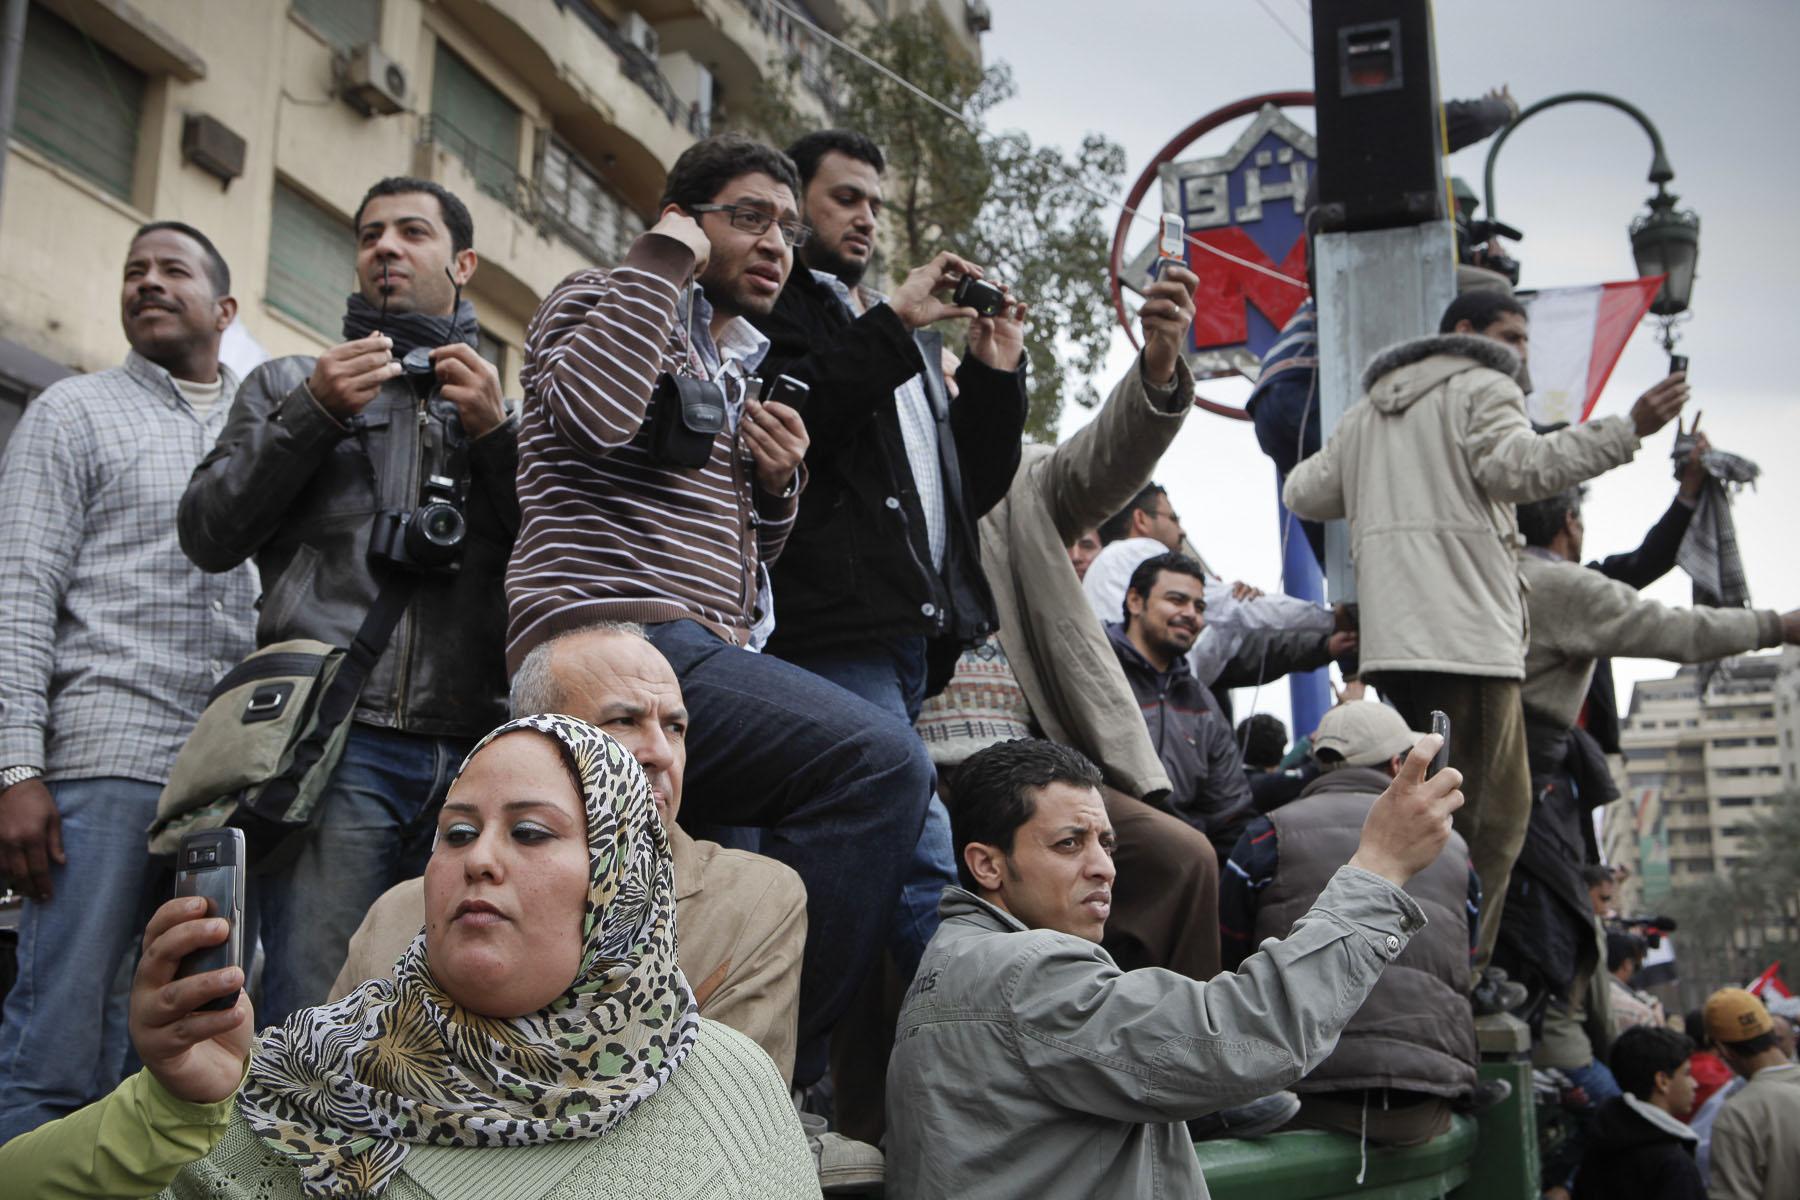 Demonstrators protest against President Mubarak's regime on Tahrir Square on Sunday February 6 2011